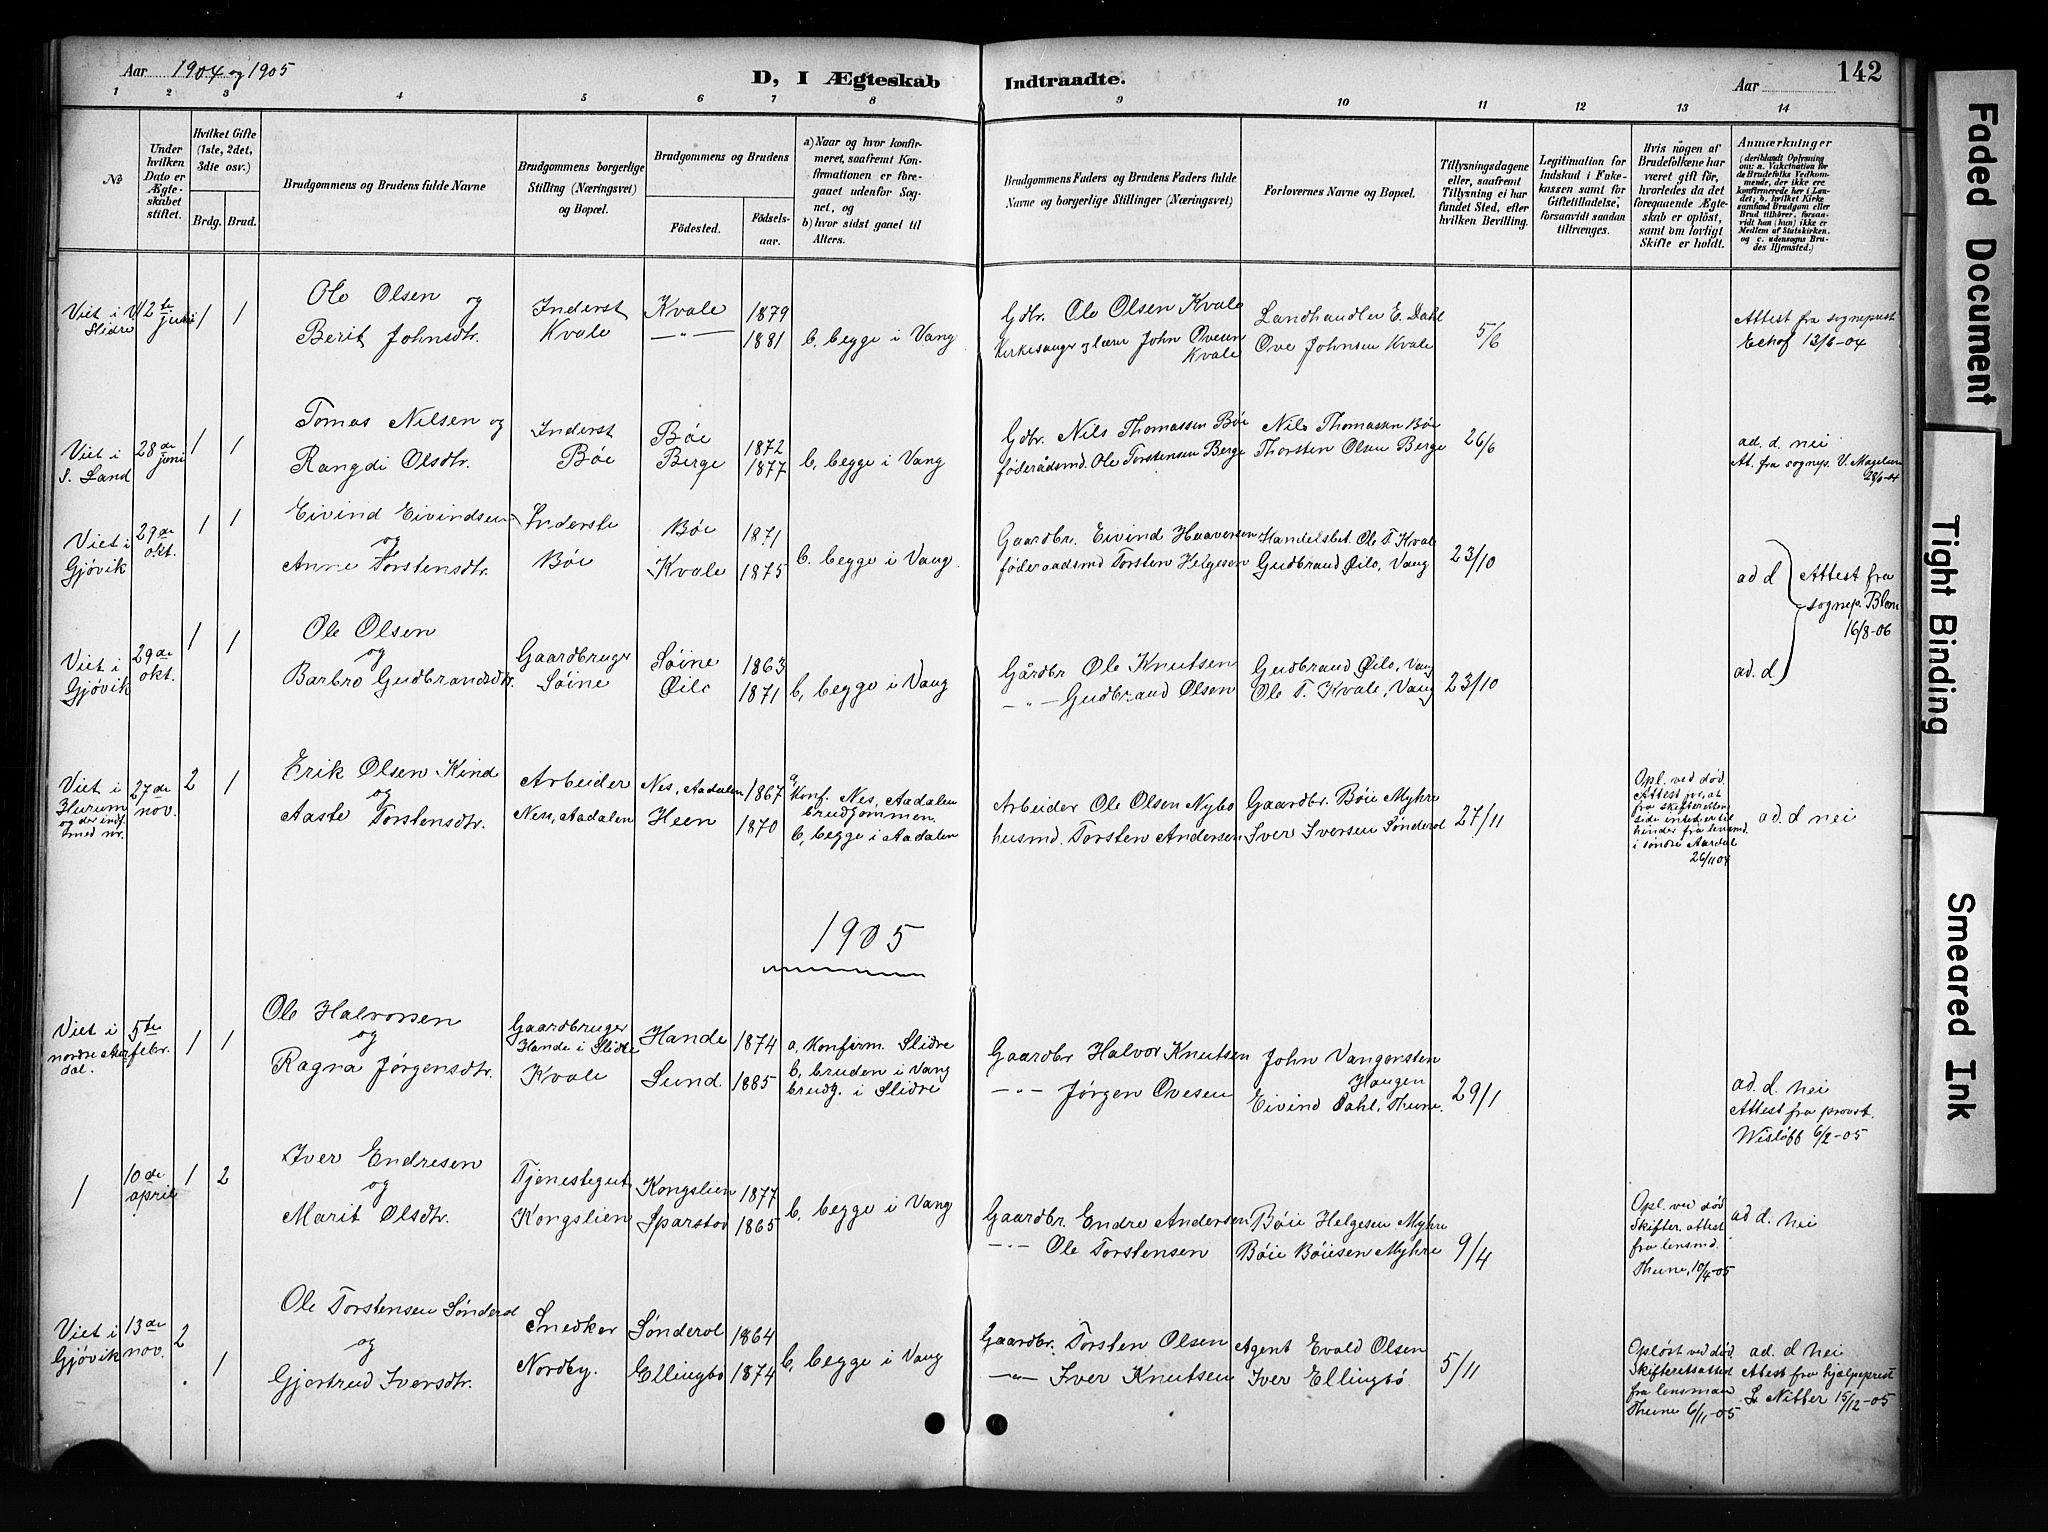 SAH, Vang prestekontor, Valdres, Klokkerbok nr. 6, 1893-1918, s. 142